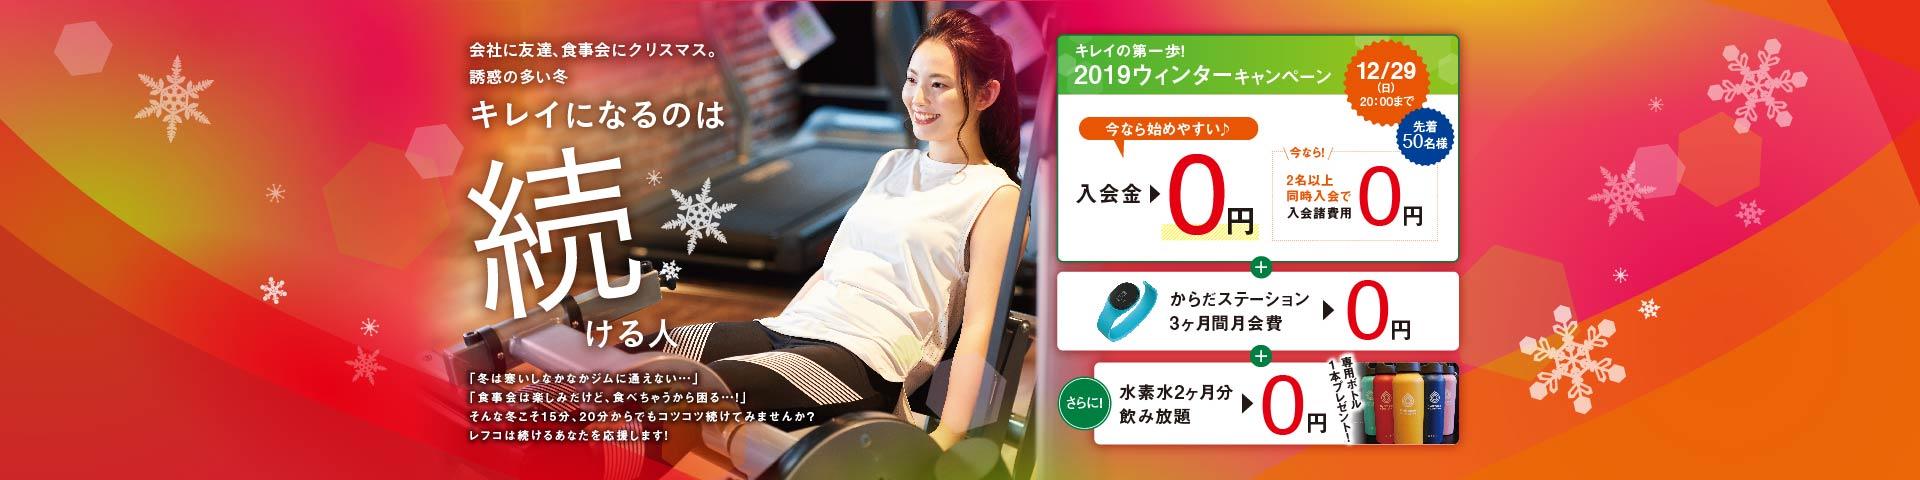 12月入会キャンペーン